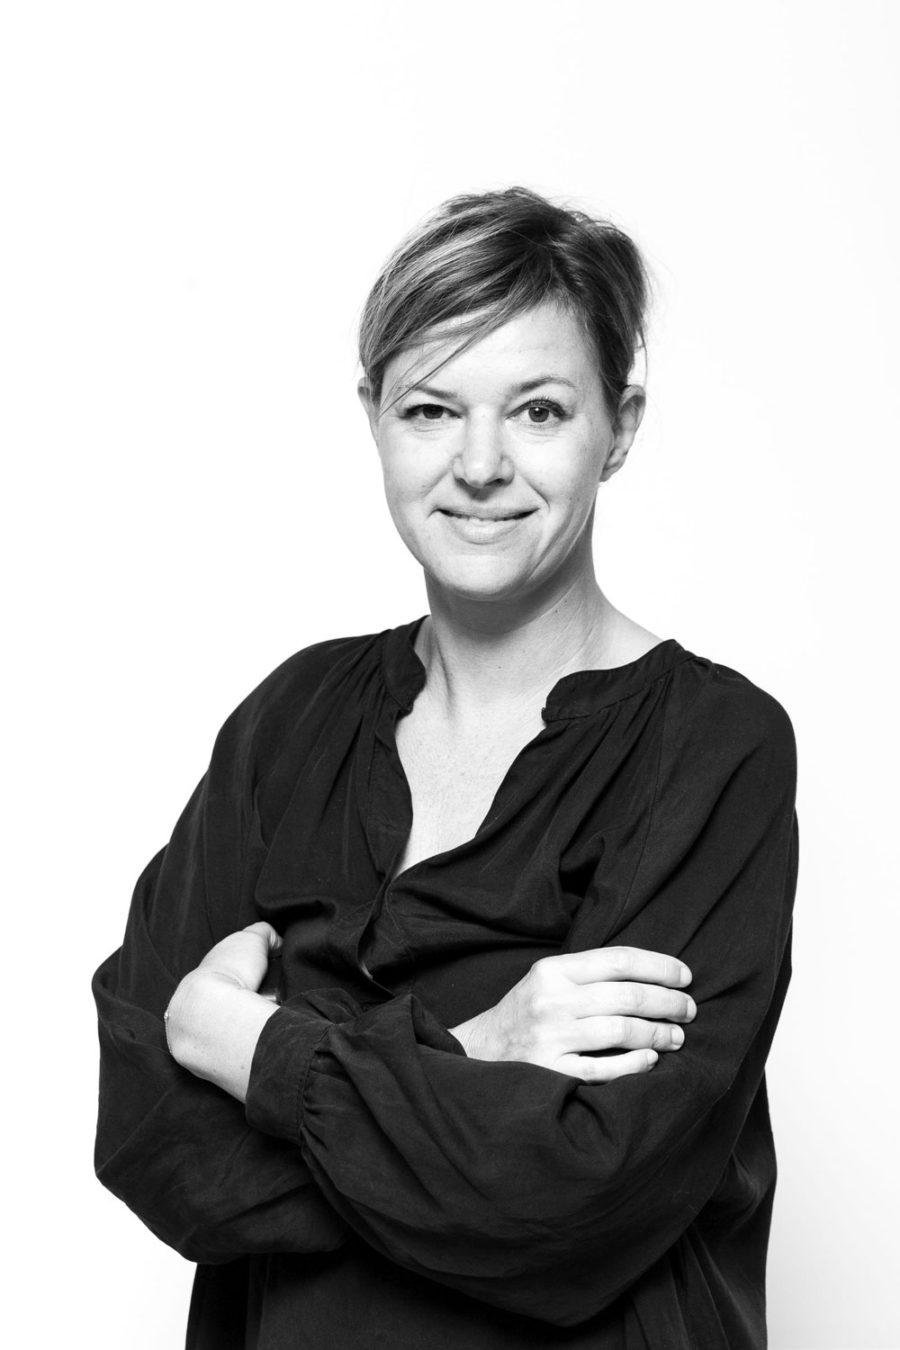 Peggy De Bock